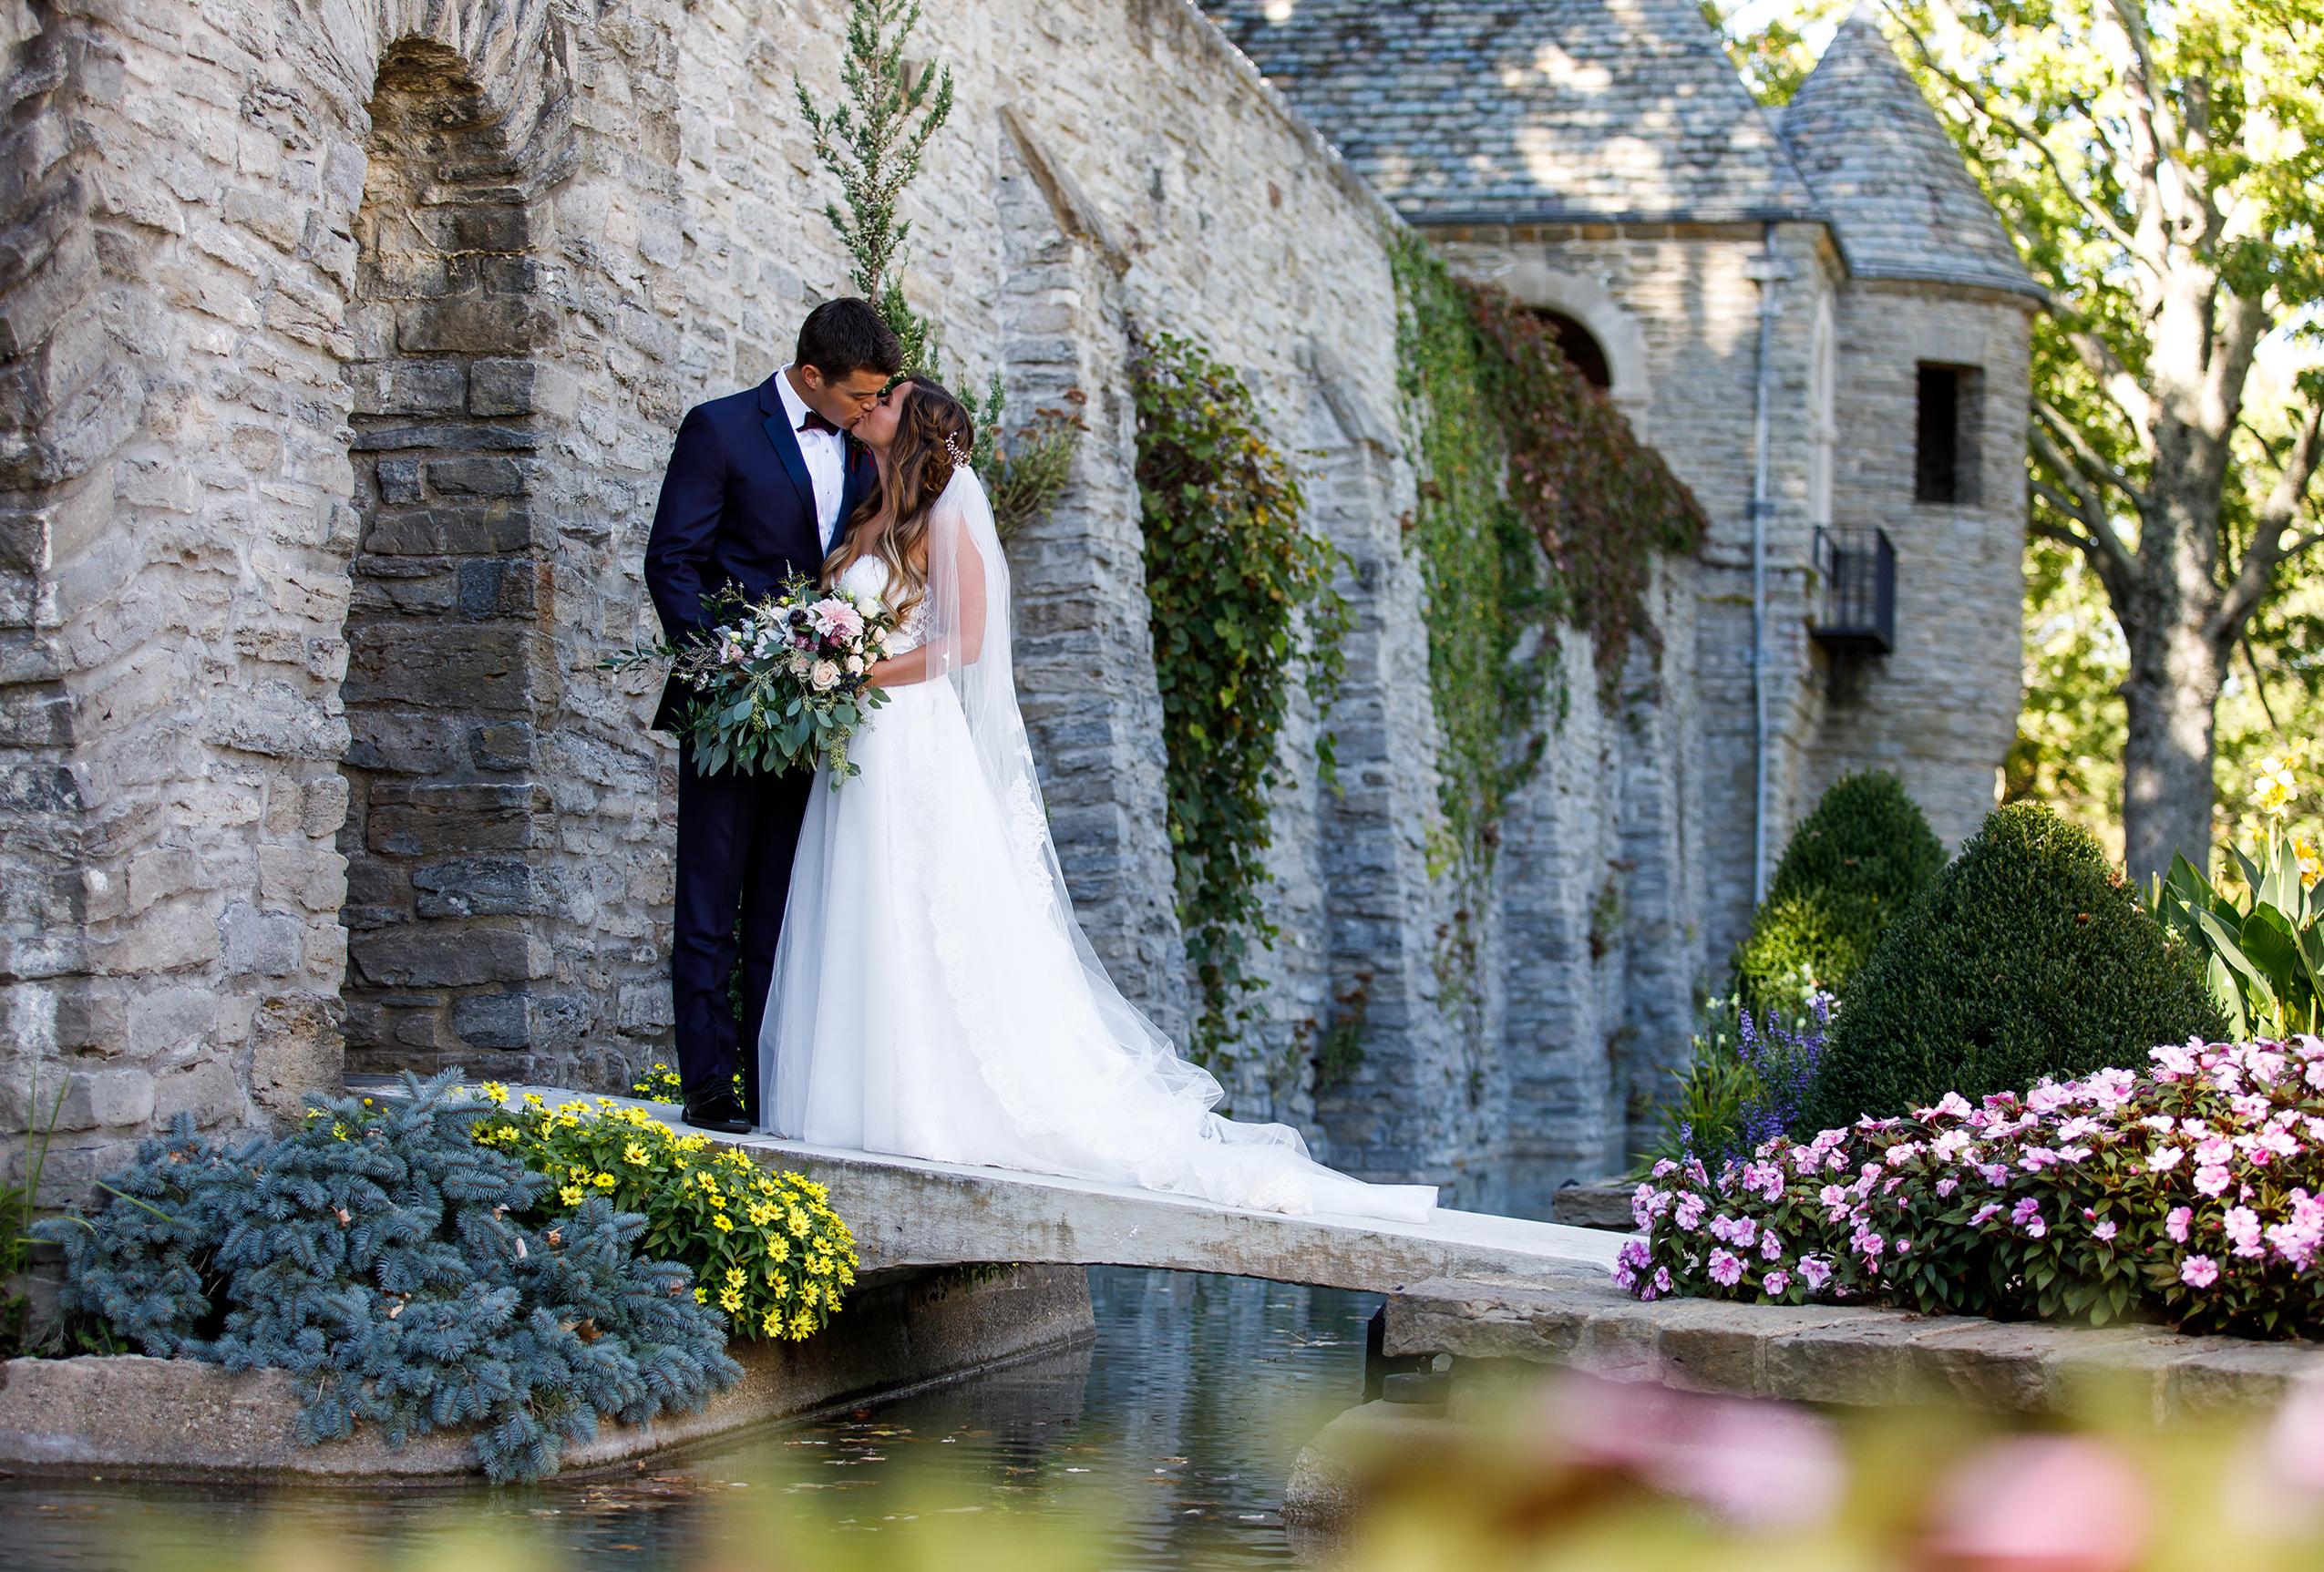 wedding flowers outdoor venue cincinnati reception